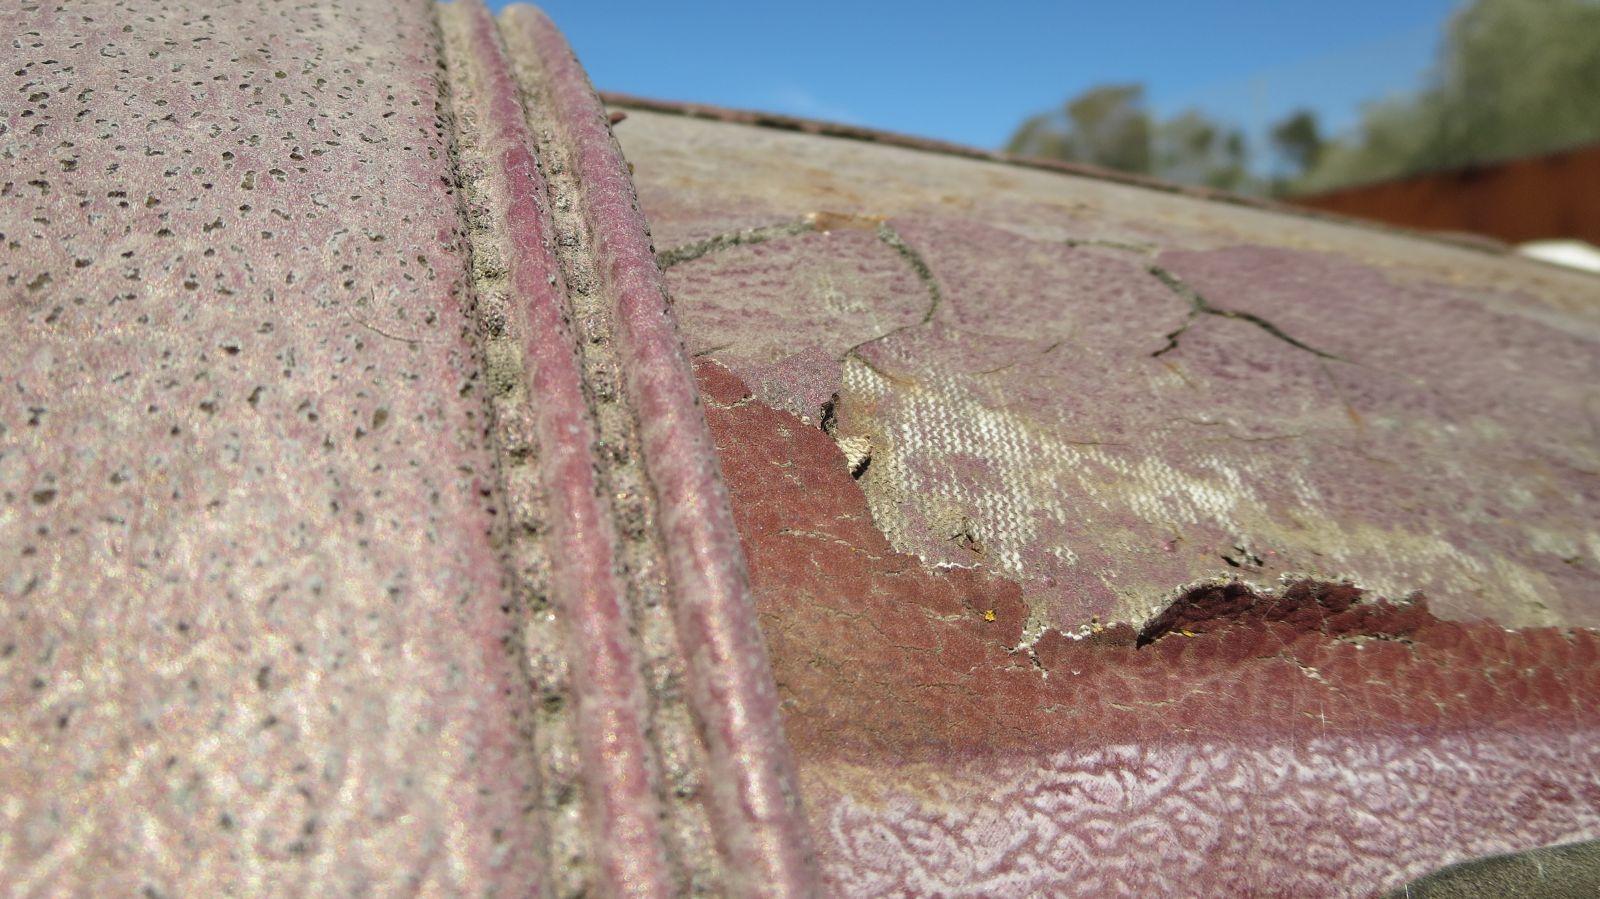 1977 Chrysler Cordoba landau roof